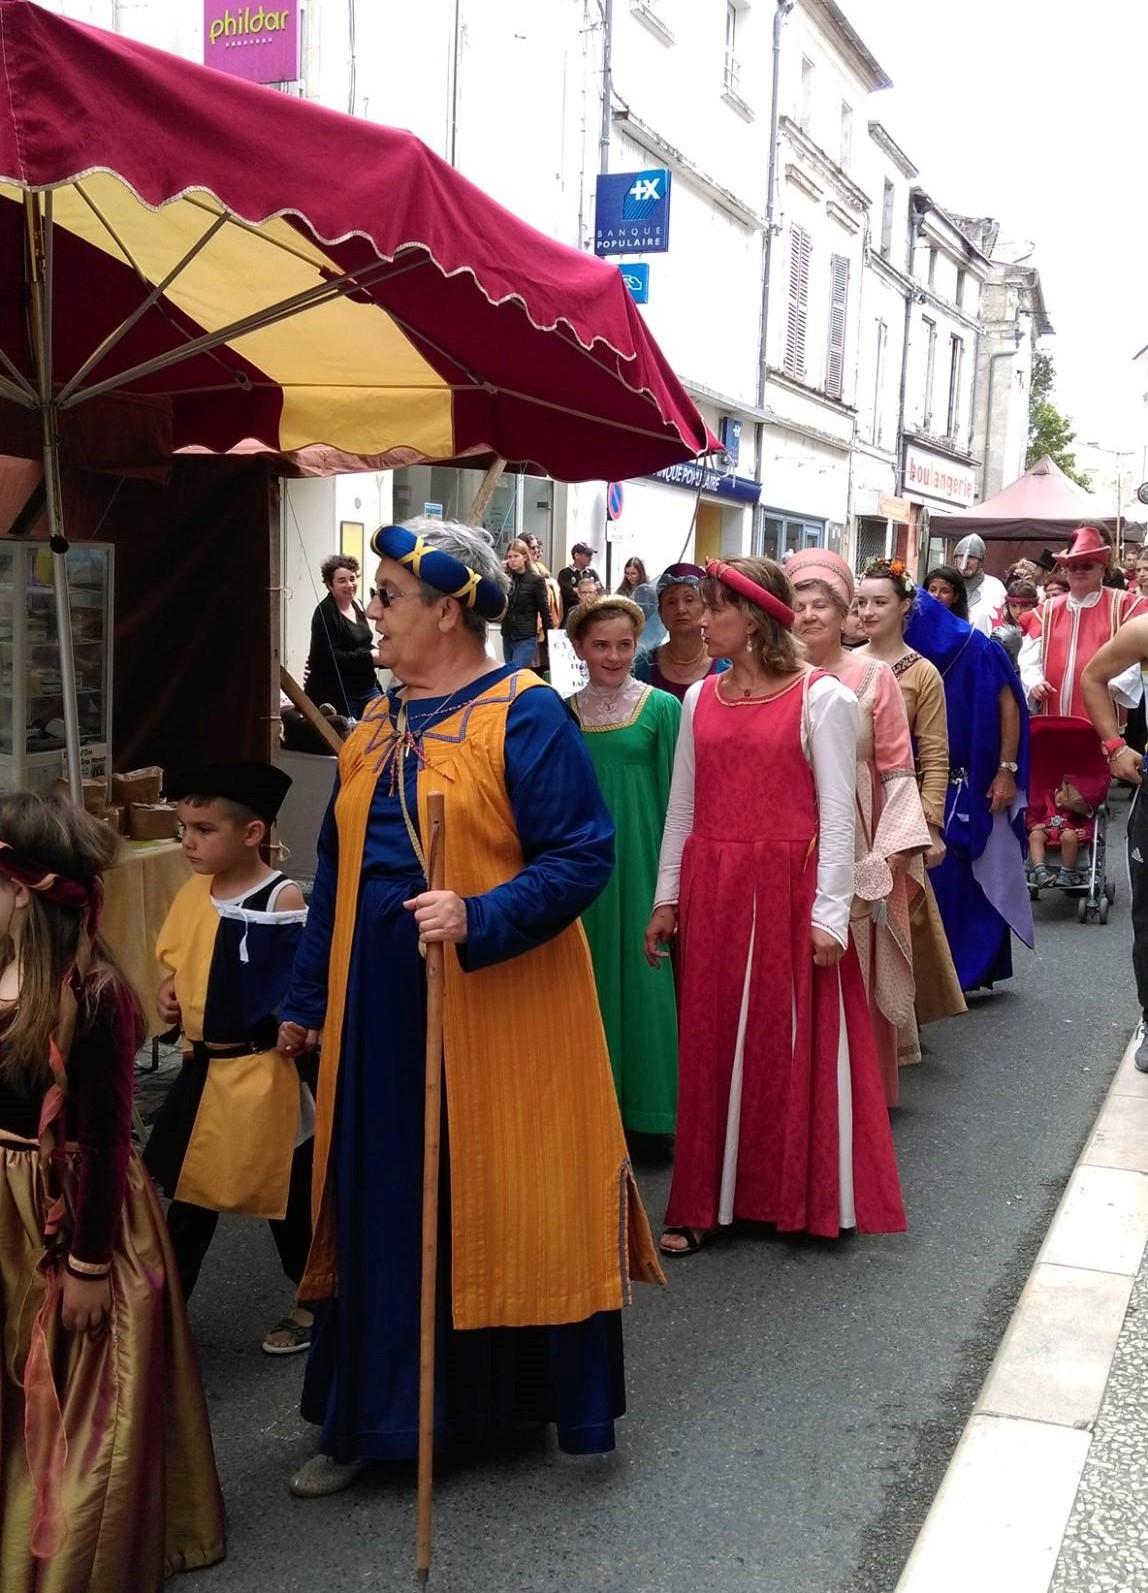 Fête Médiévale Pons 2017 - Défilé rue Emile Combes (4)